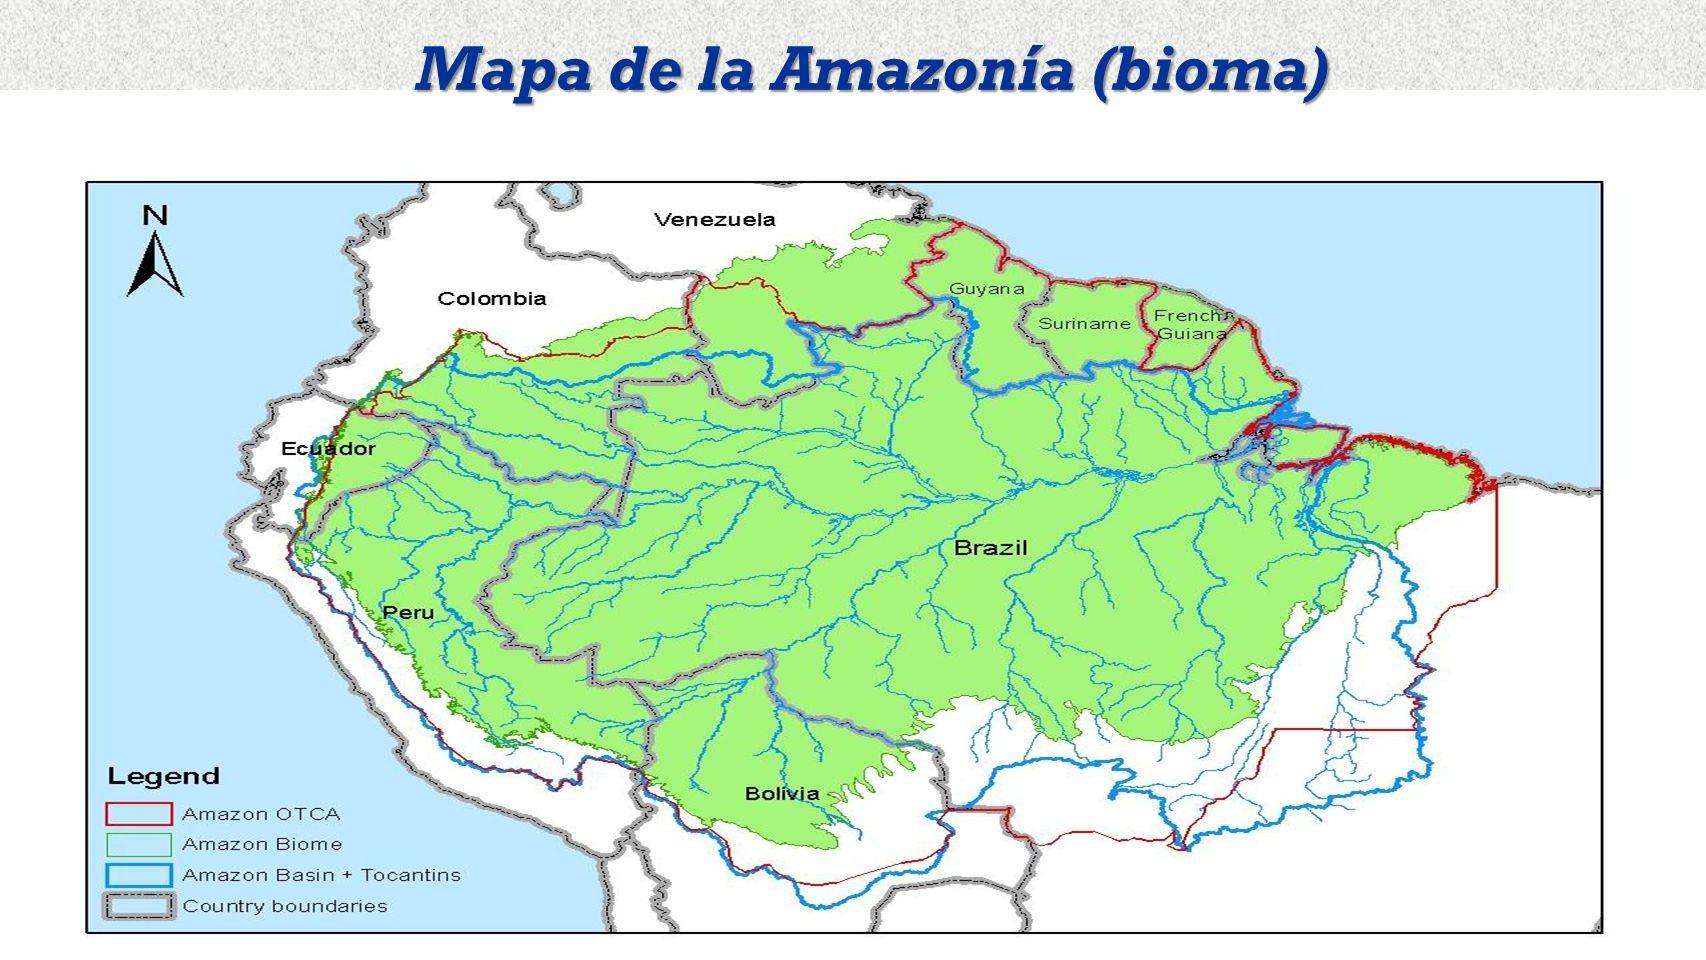 Mapa de la Amazonía (bioma)